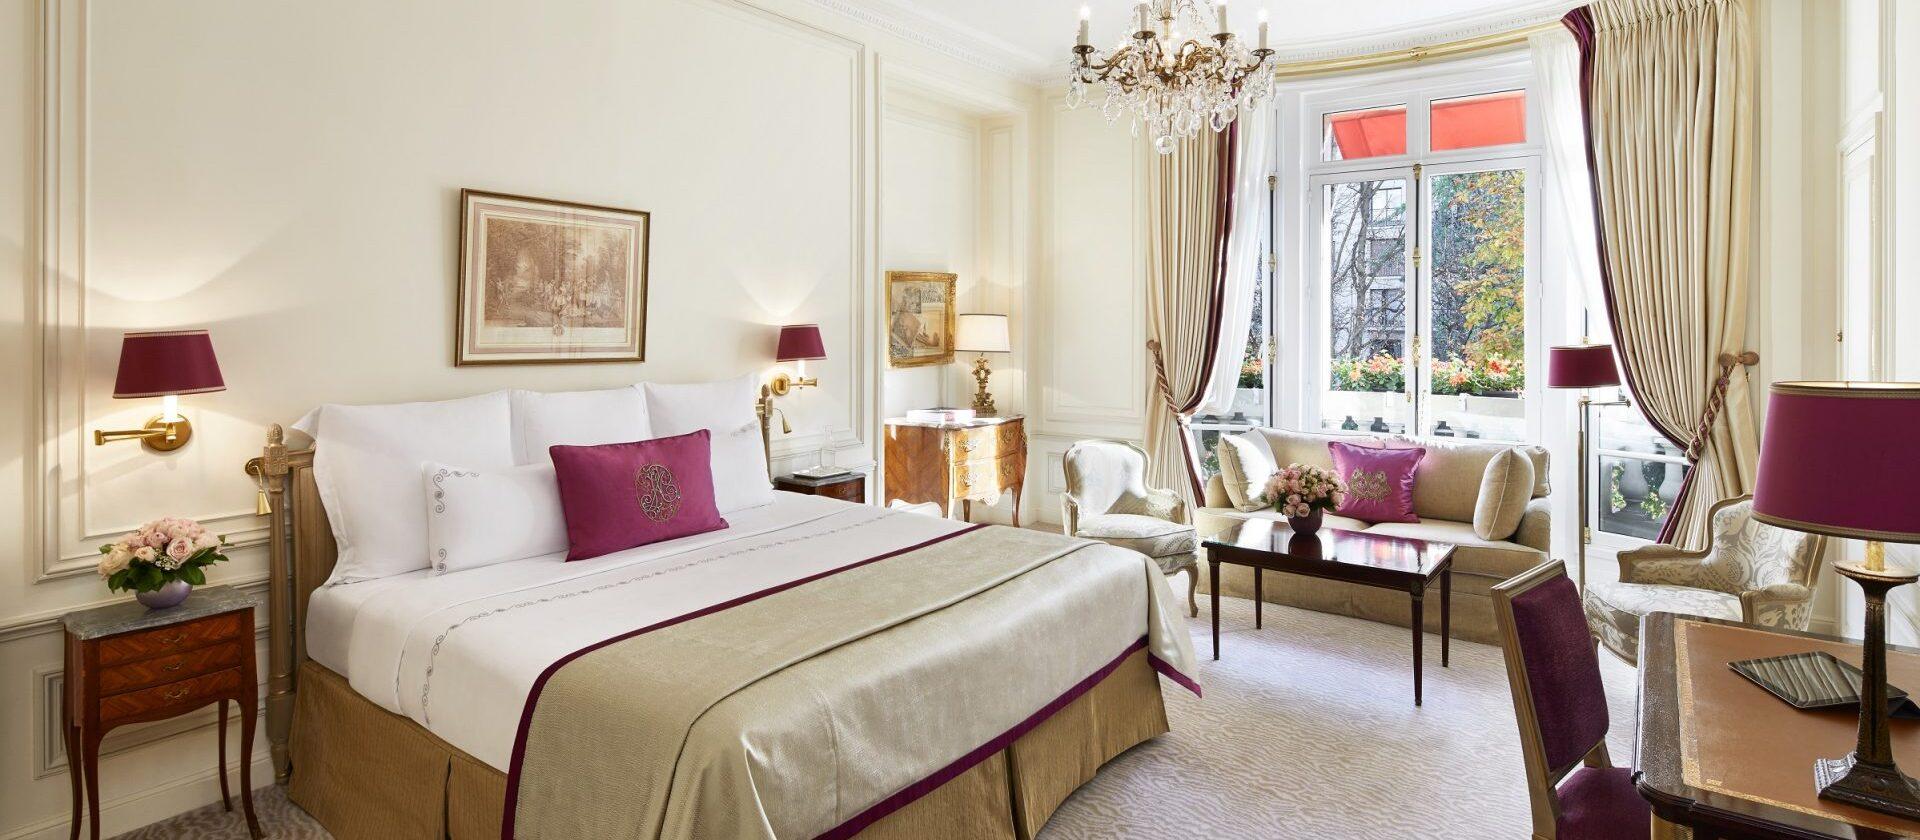 Junior suite avenue montaigne view dorchester collection - Salon prestige organza ...